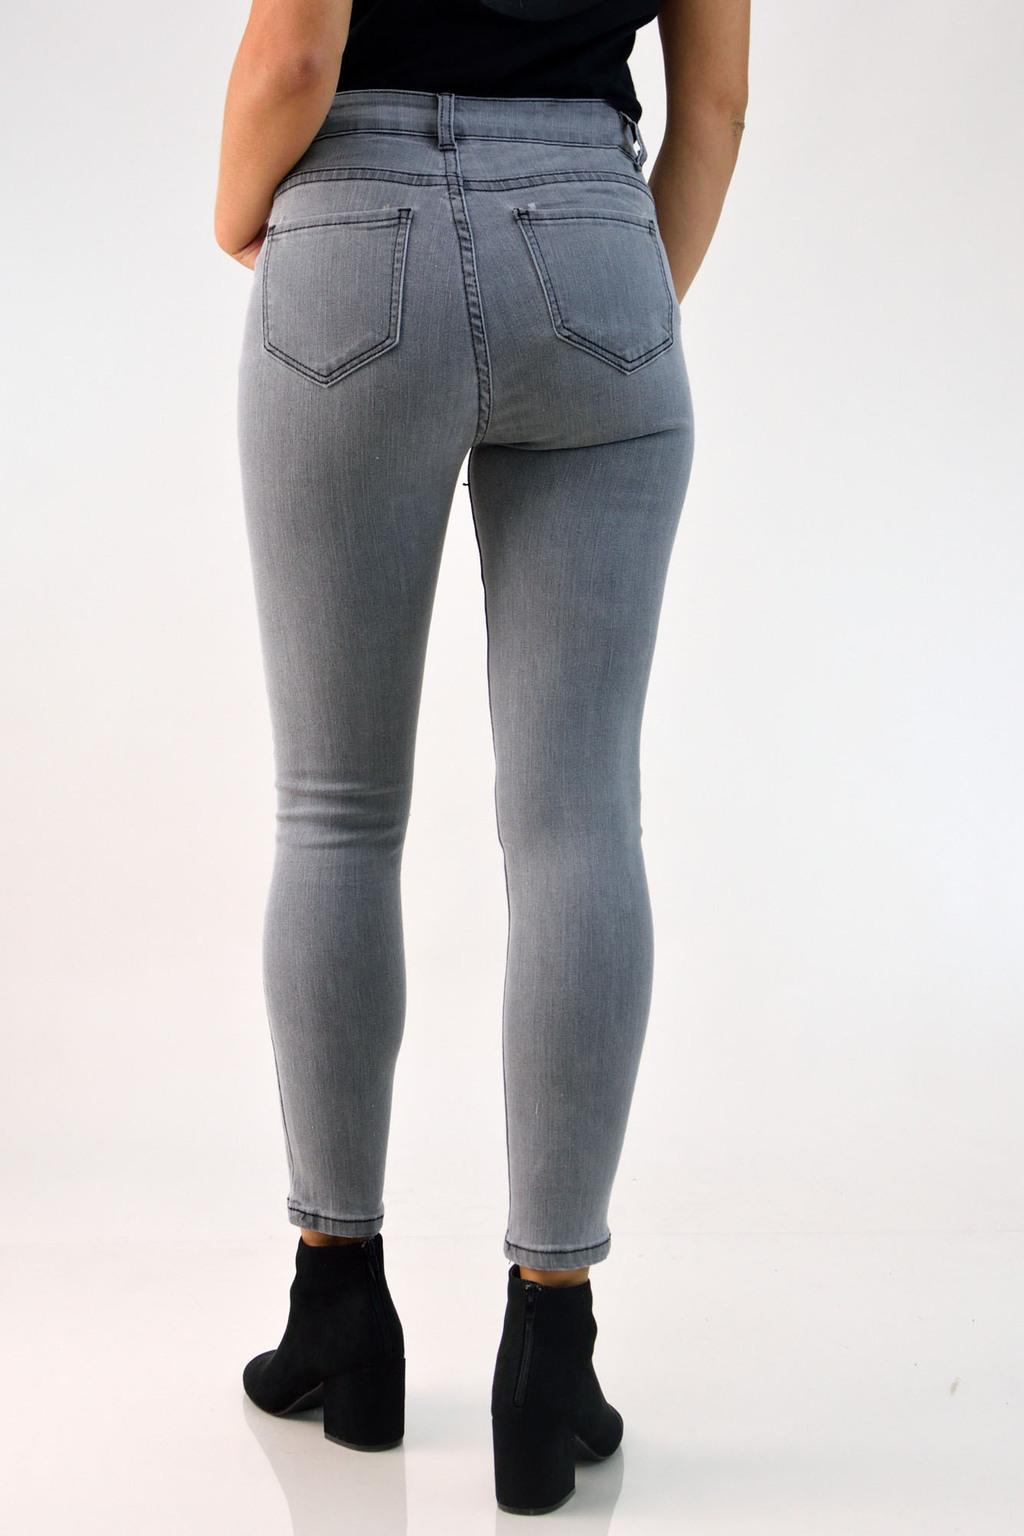 754d6b86c63 Γυναικείο παντελόνι τζιν γκρι | POTRE